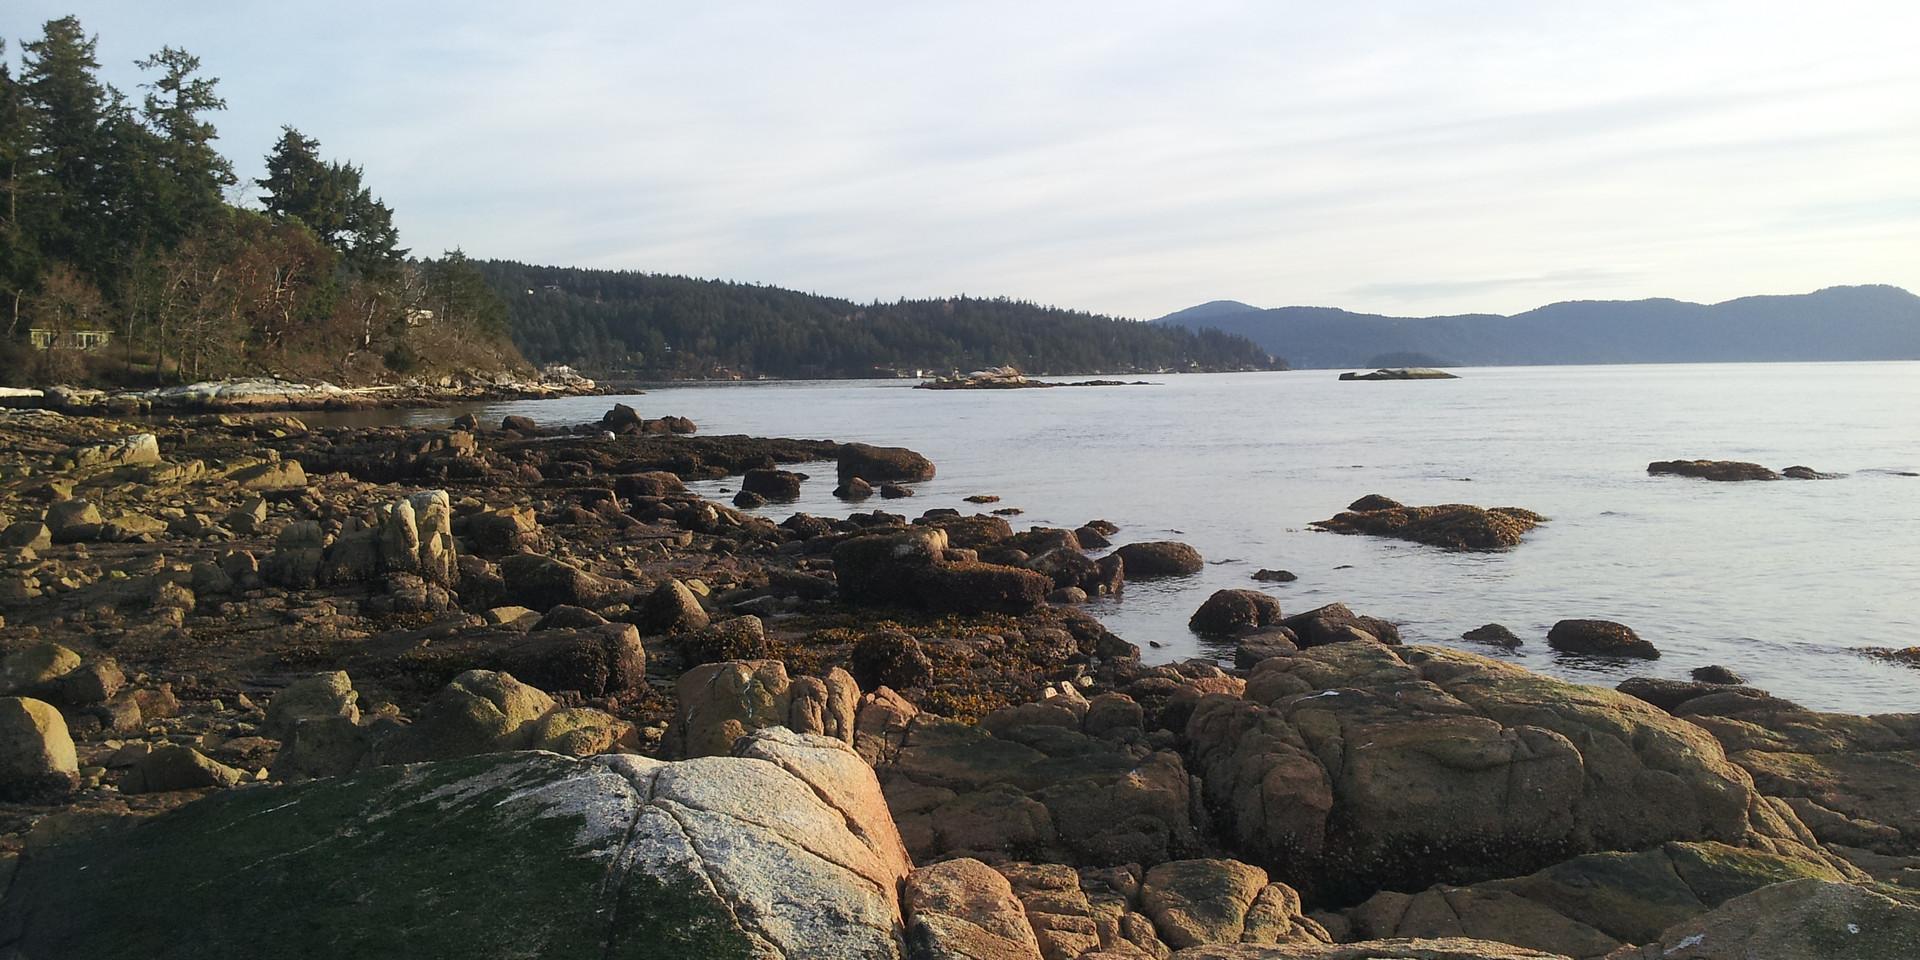 Saanich Peninsula coastline